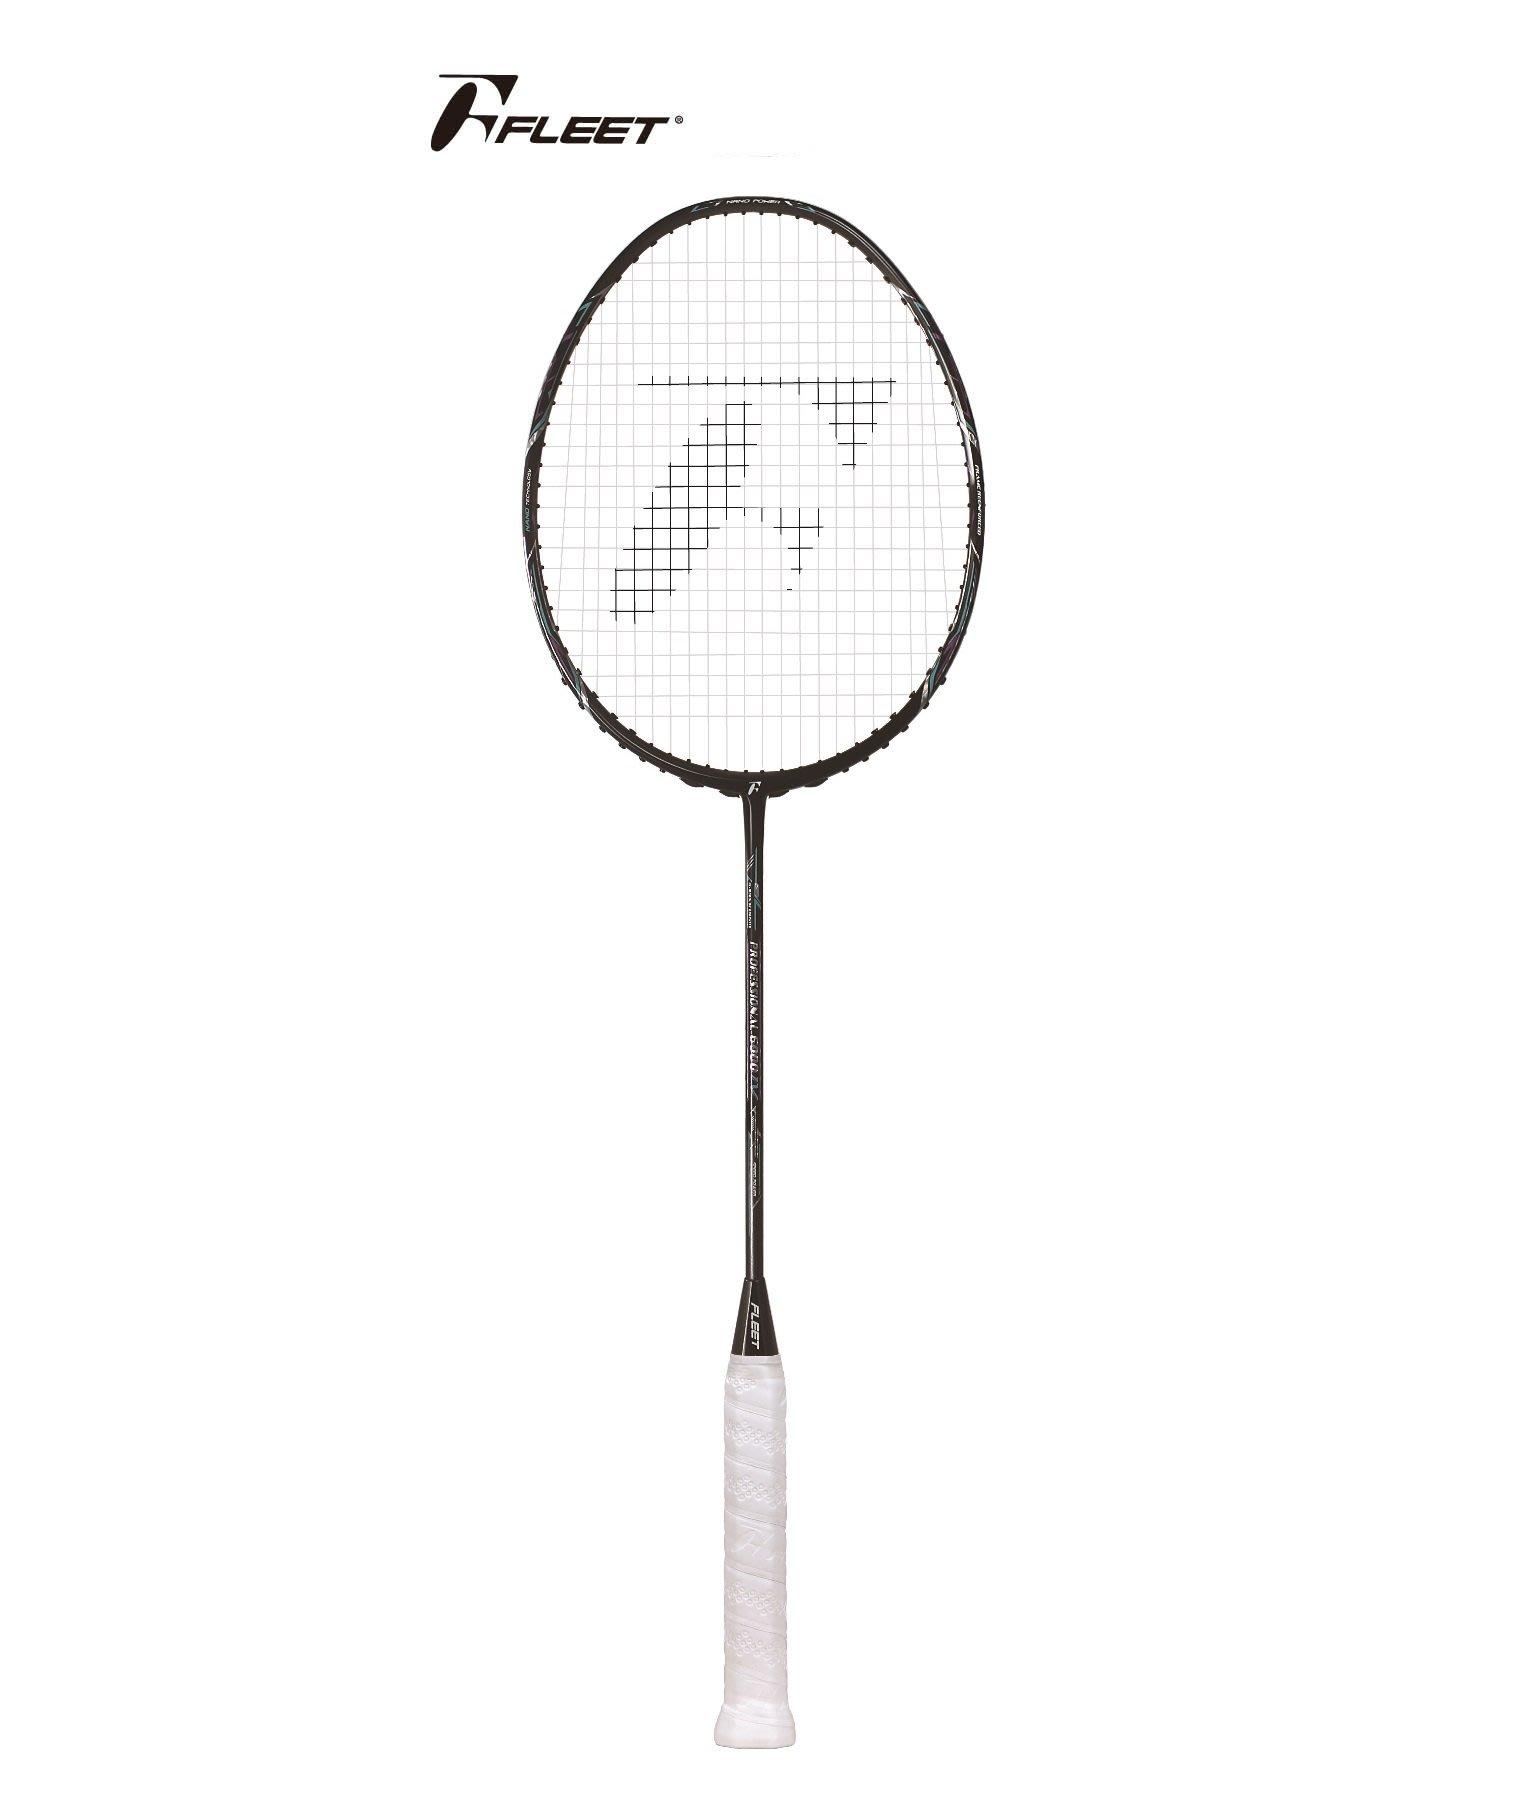 【昇活運動用品館】FLEET PROFESSIONAL-6000 IV 羽球拍 全方位拍 直購價2950元